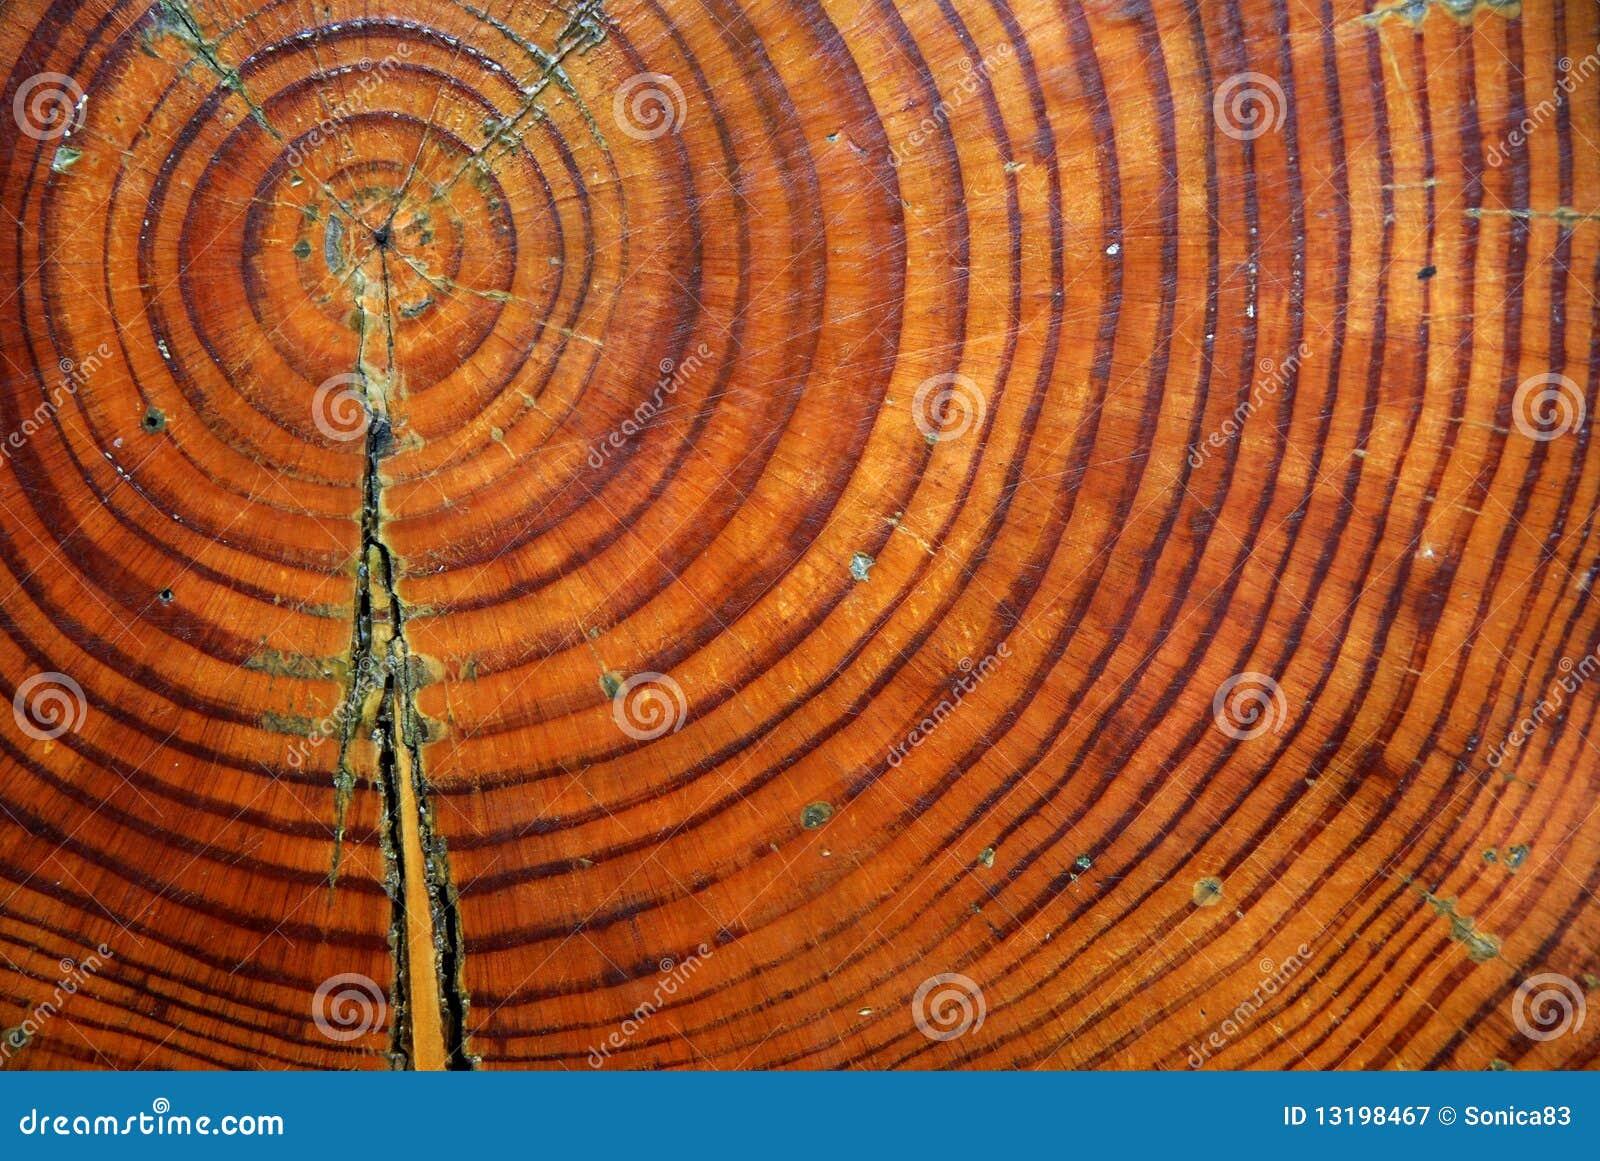 Plan rapproché de section de joncteur réseau d arbre